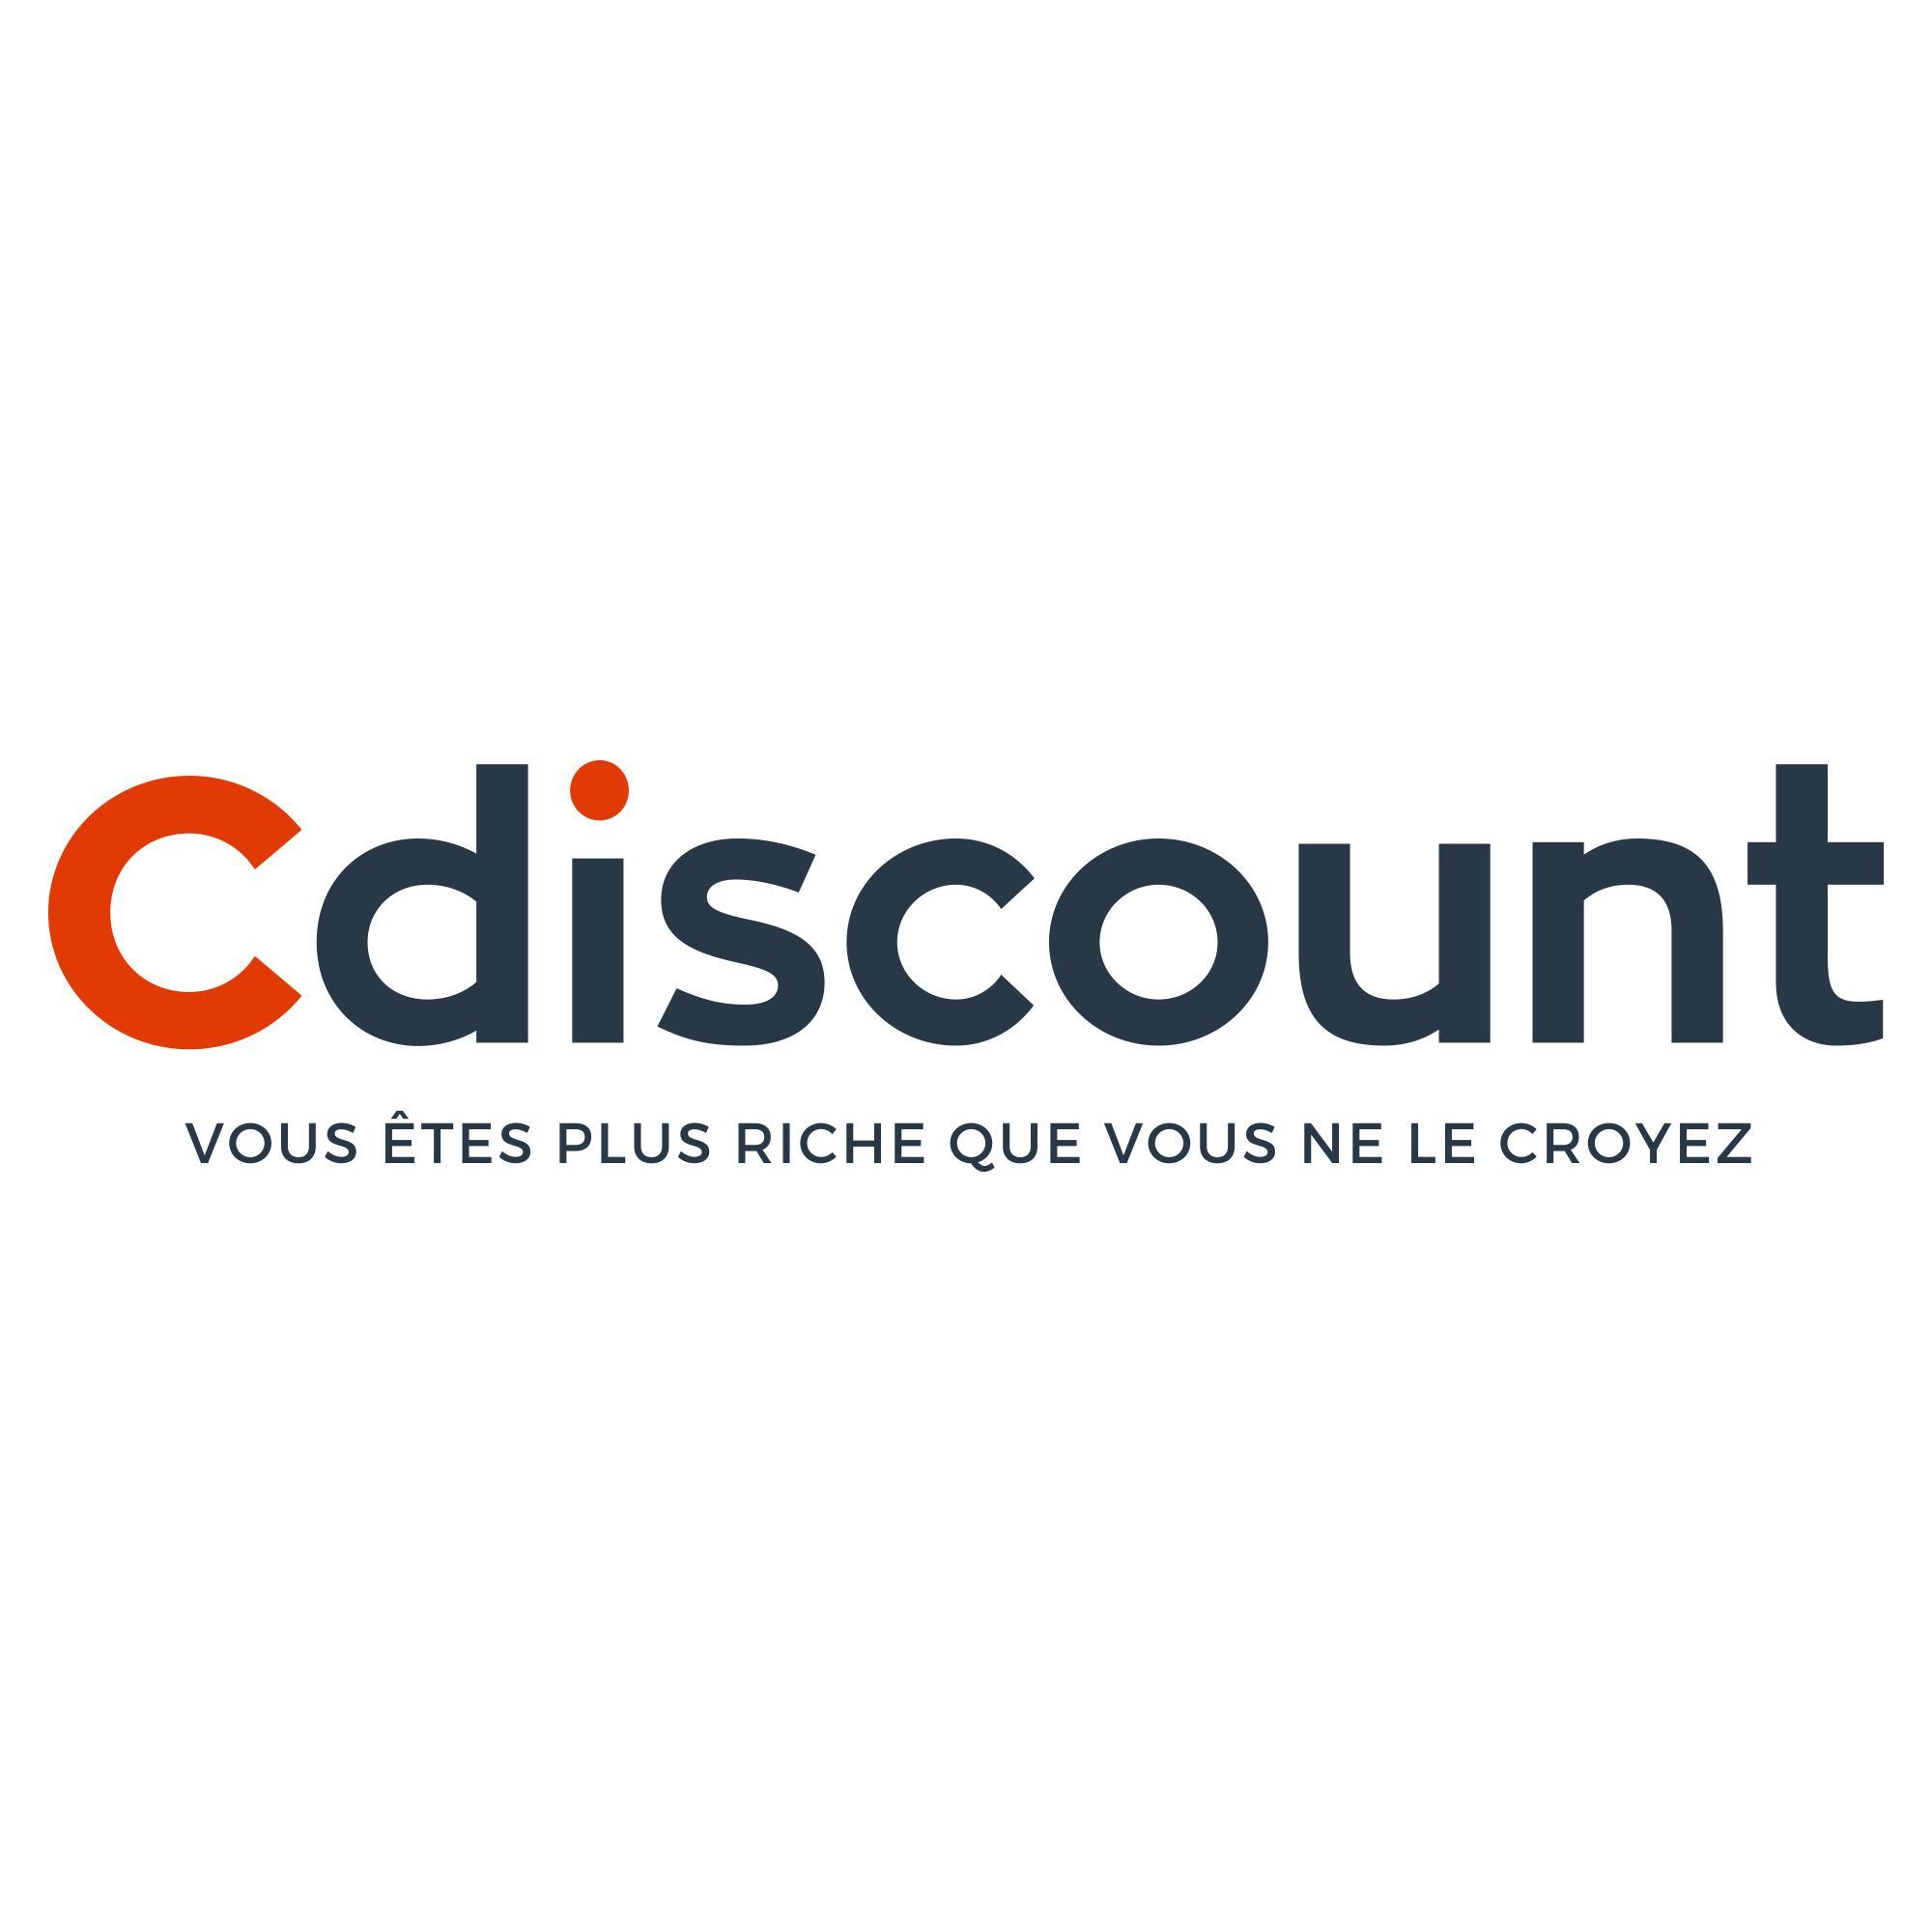 10€ de réduction dès 149€ d'achat, 25€ dès 249€ et 50€ dès 399€ sur tout le site (via l'application)